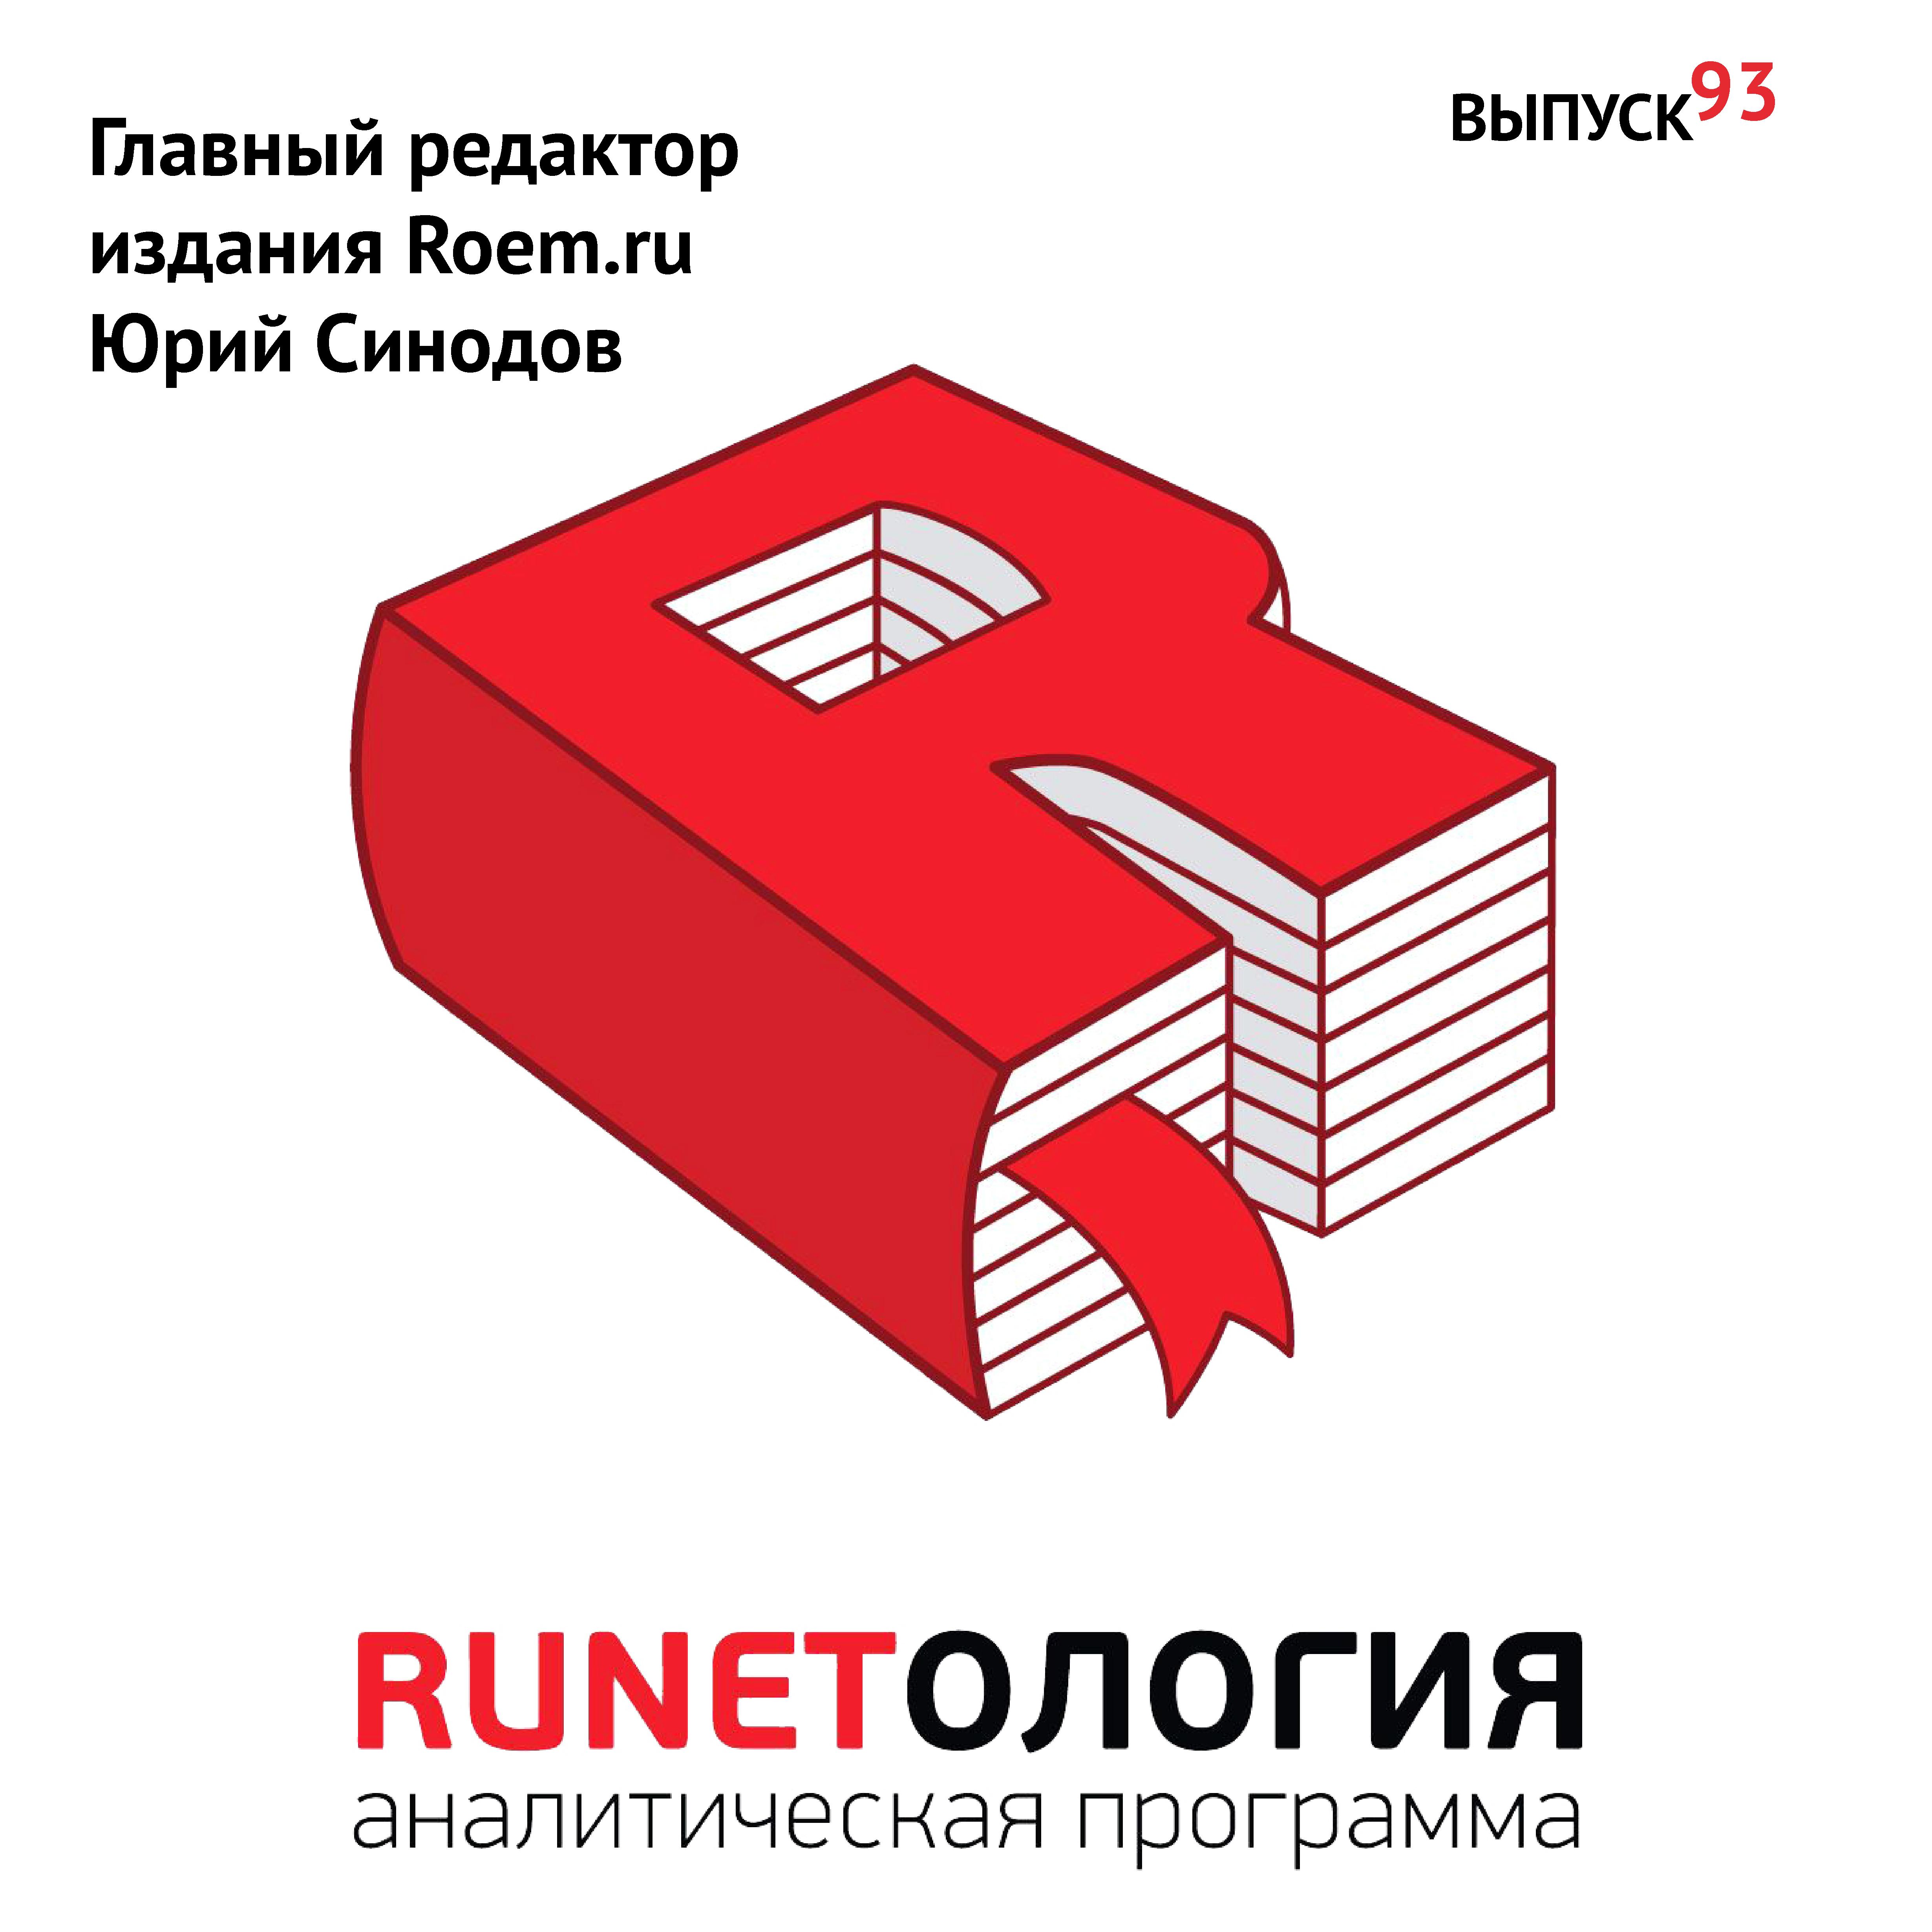 Максим Спиридонов Главный редактор издания Roem.ru Юрий Синодов